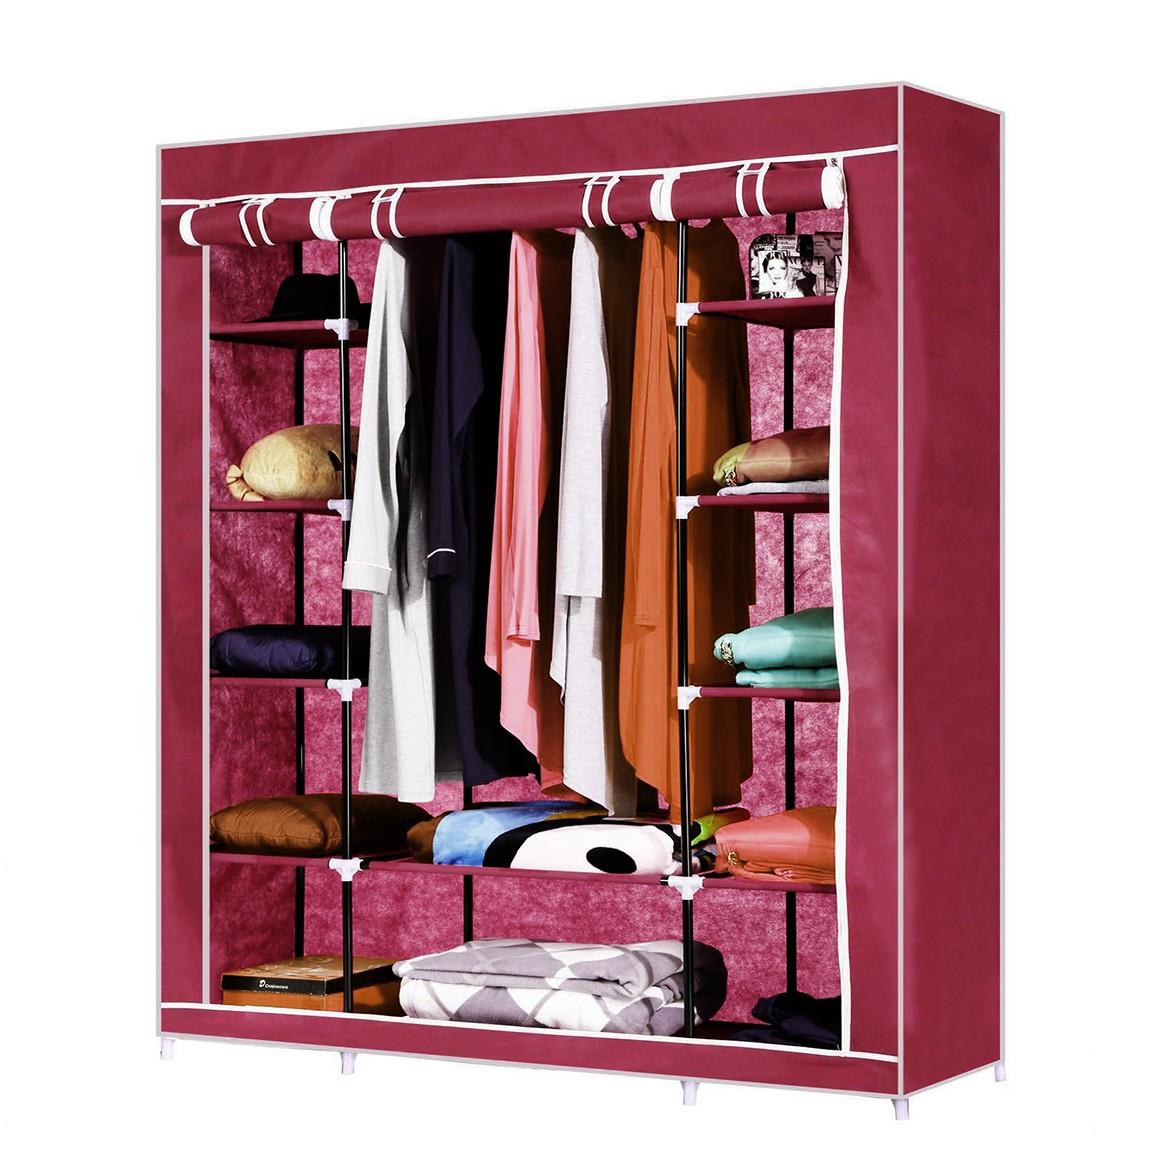 Купить тканевый шкаф Трио красный